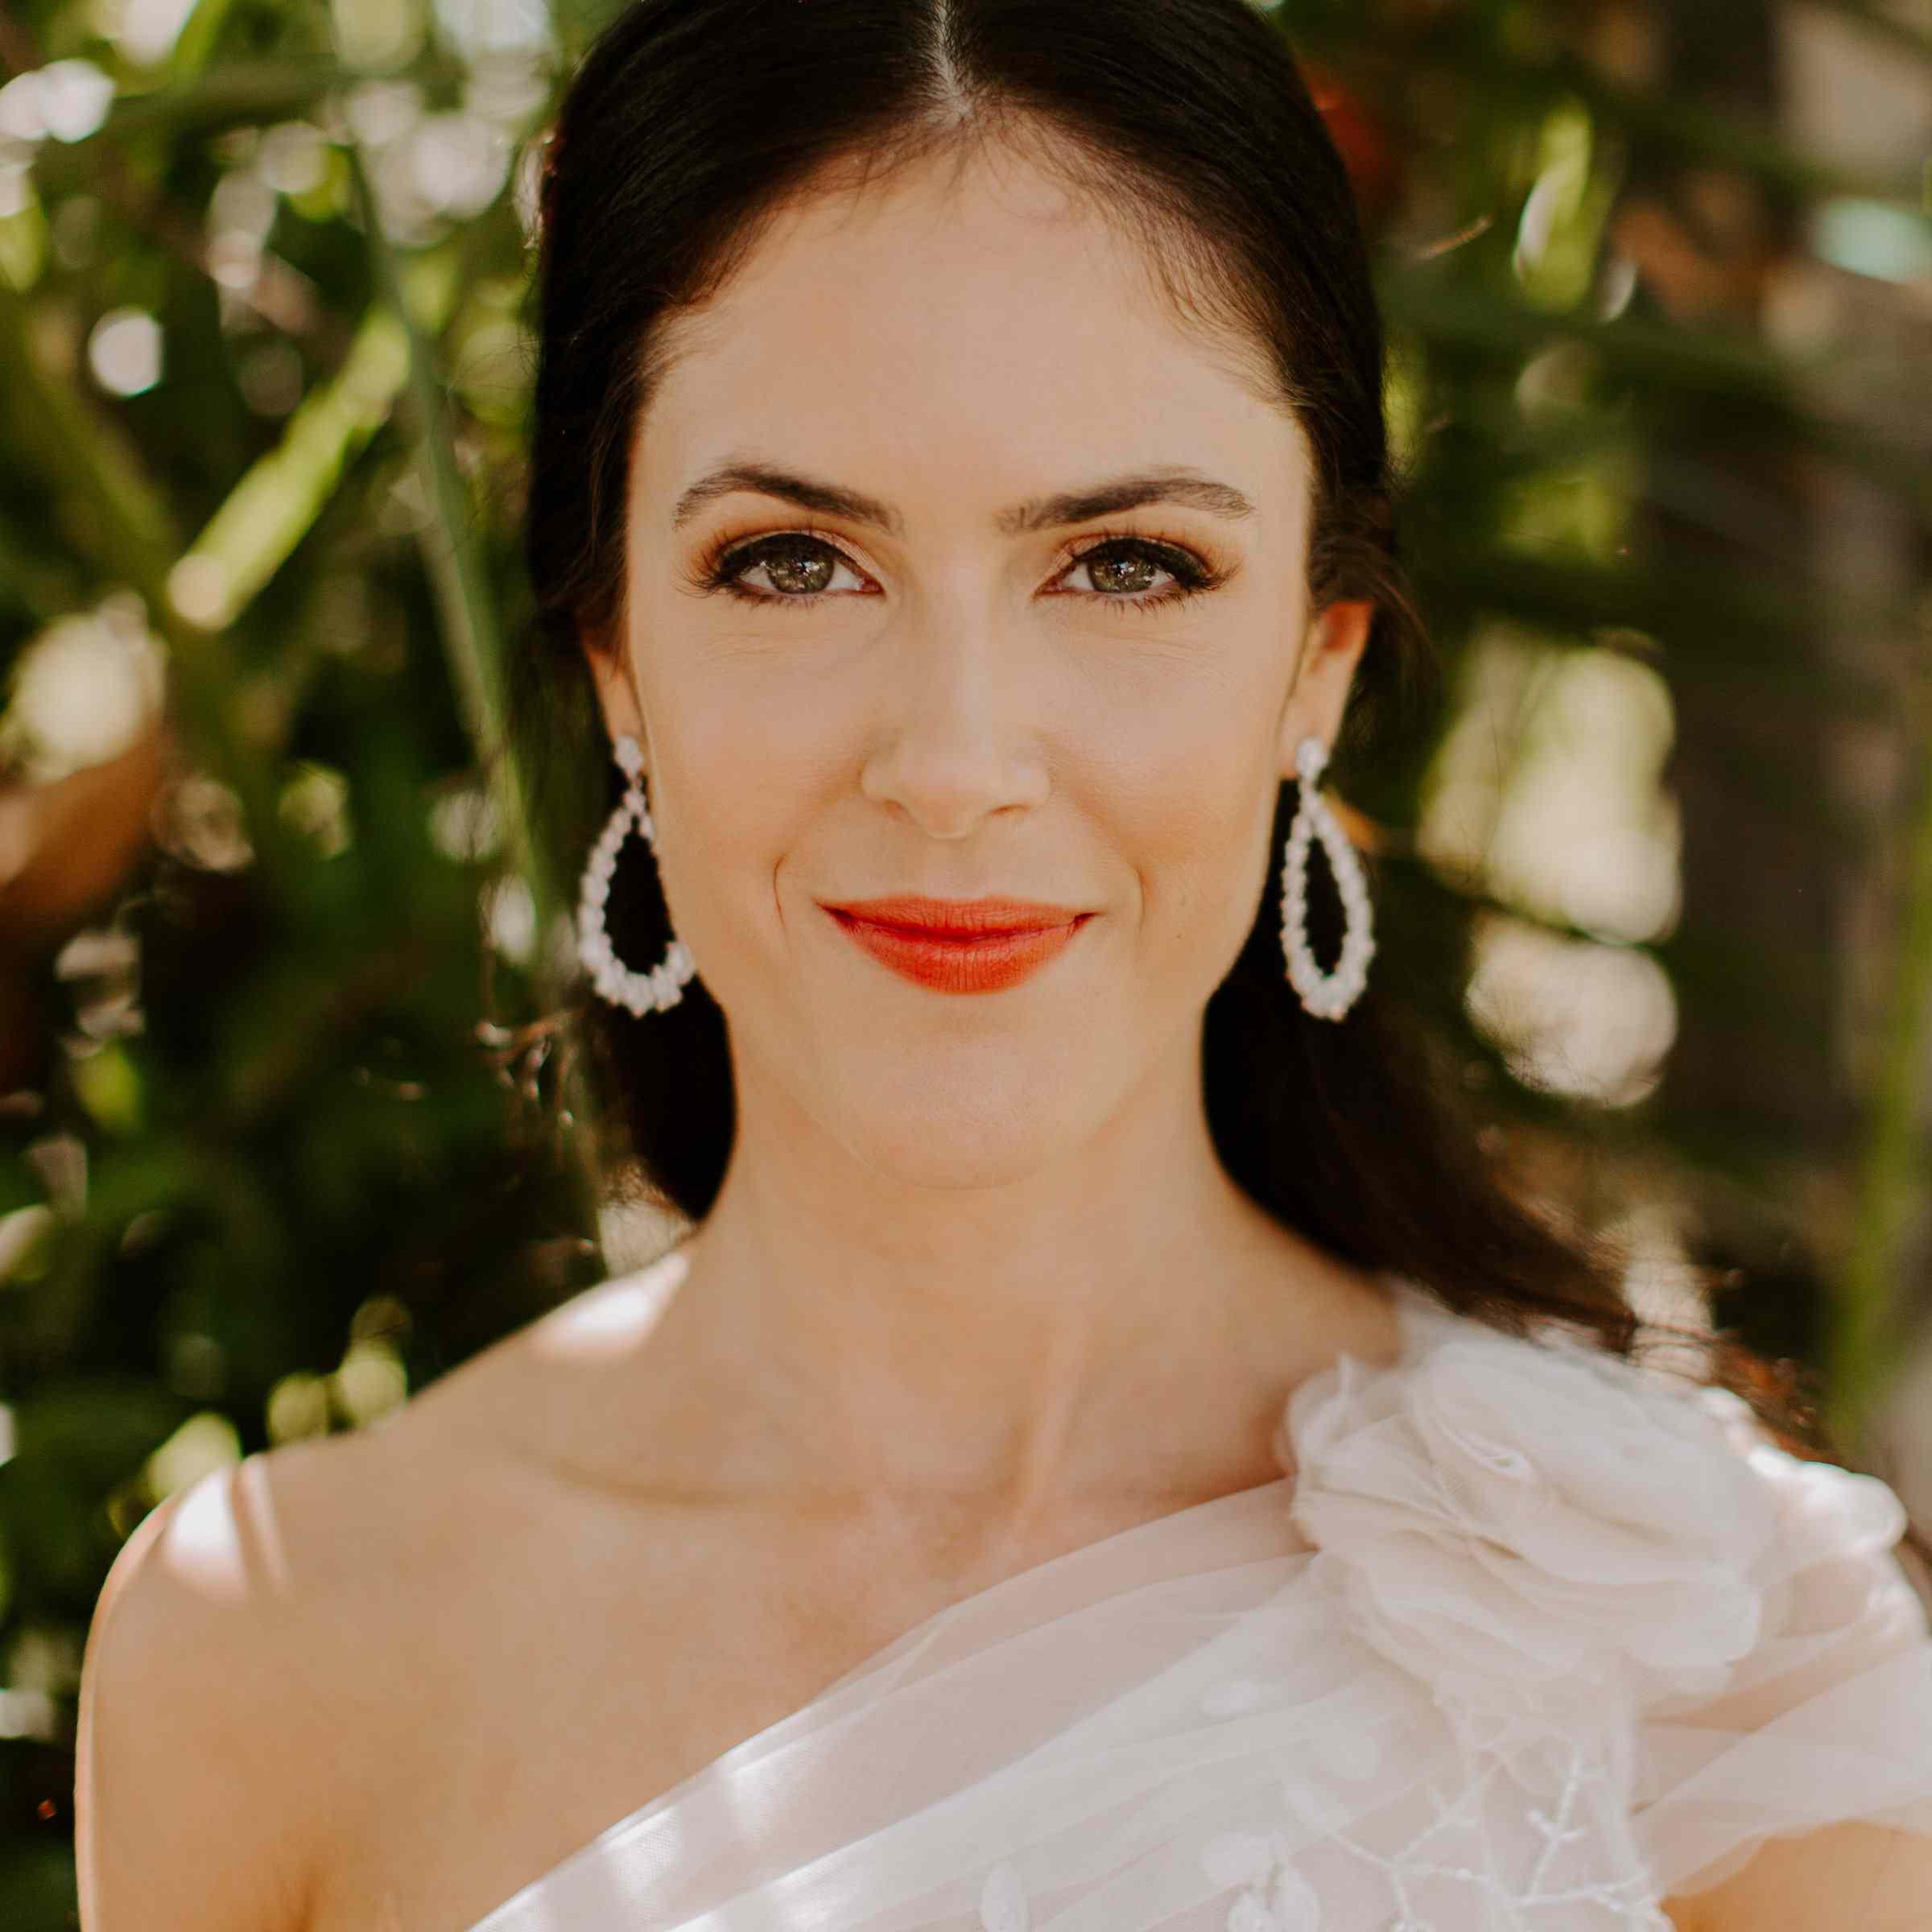 Bride with bright red lipstick